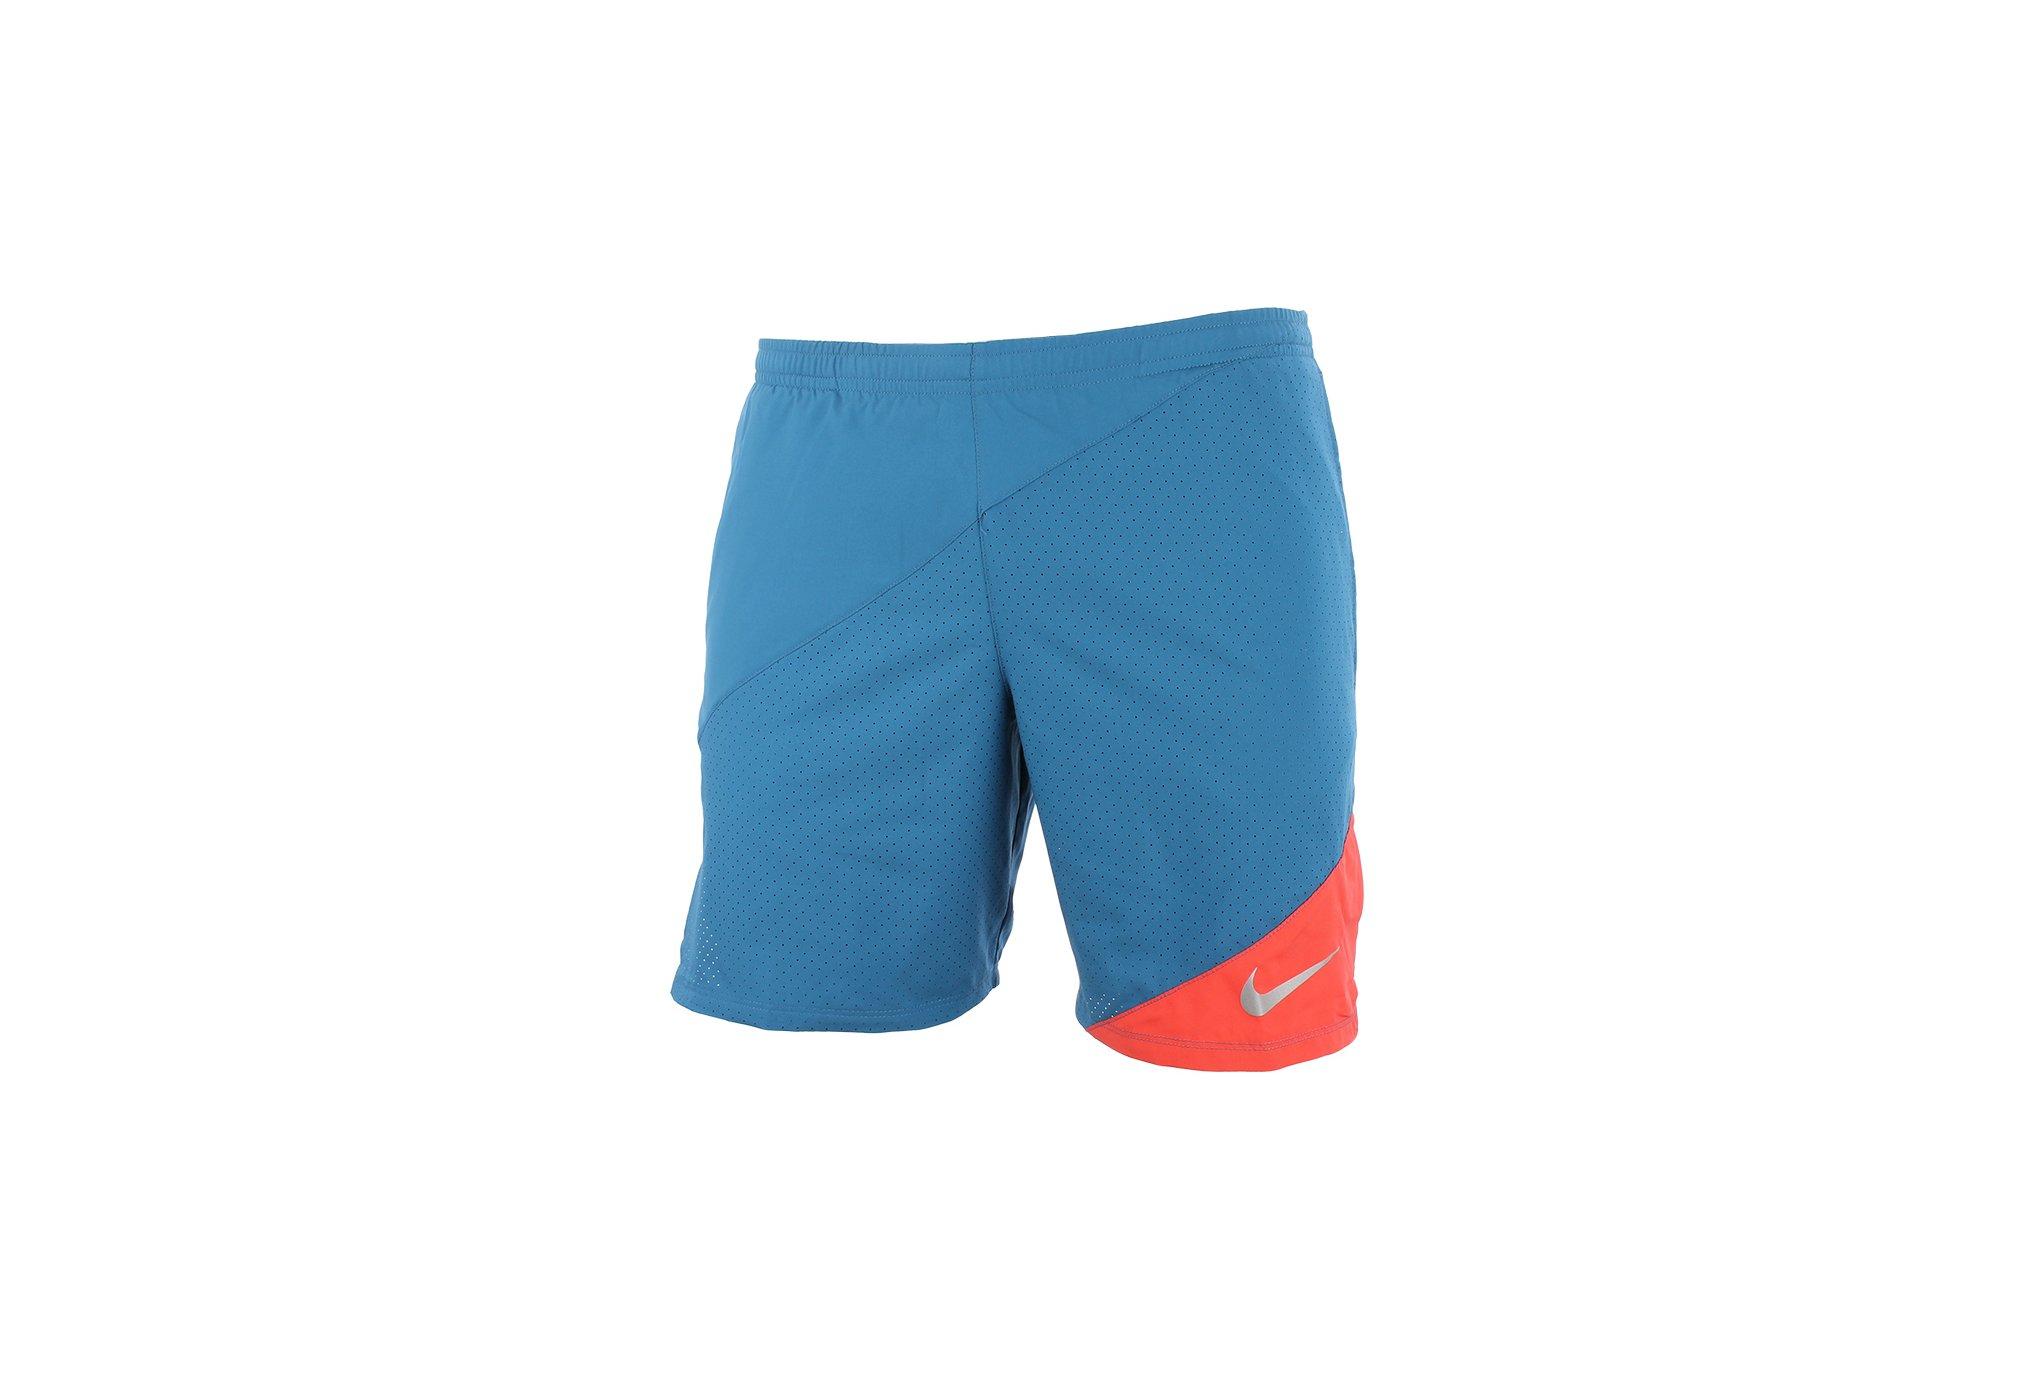 Nike Flex 2en1 18cm M vêtement running homme